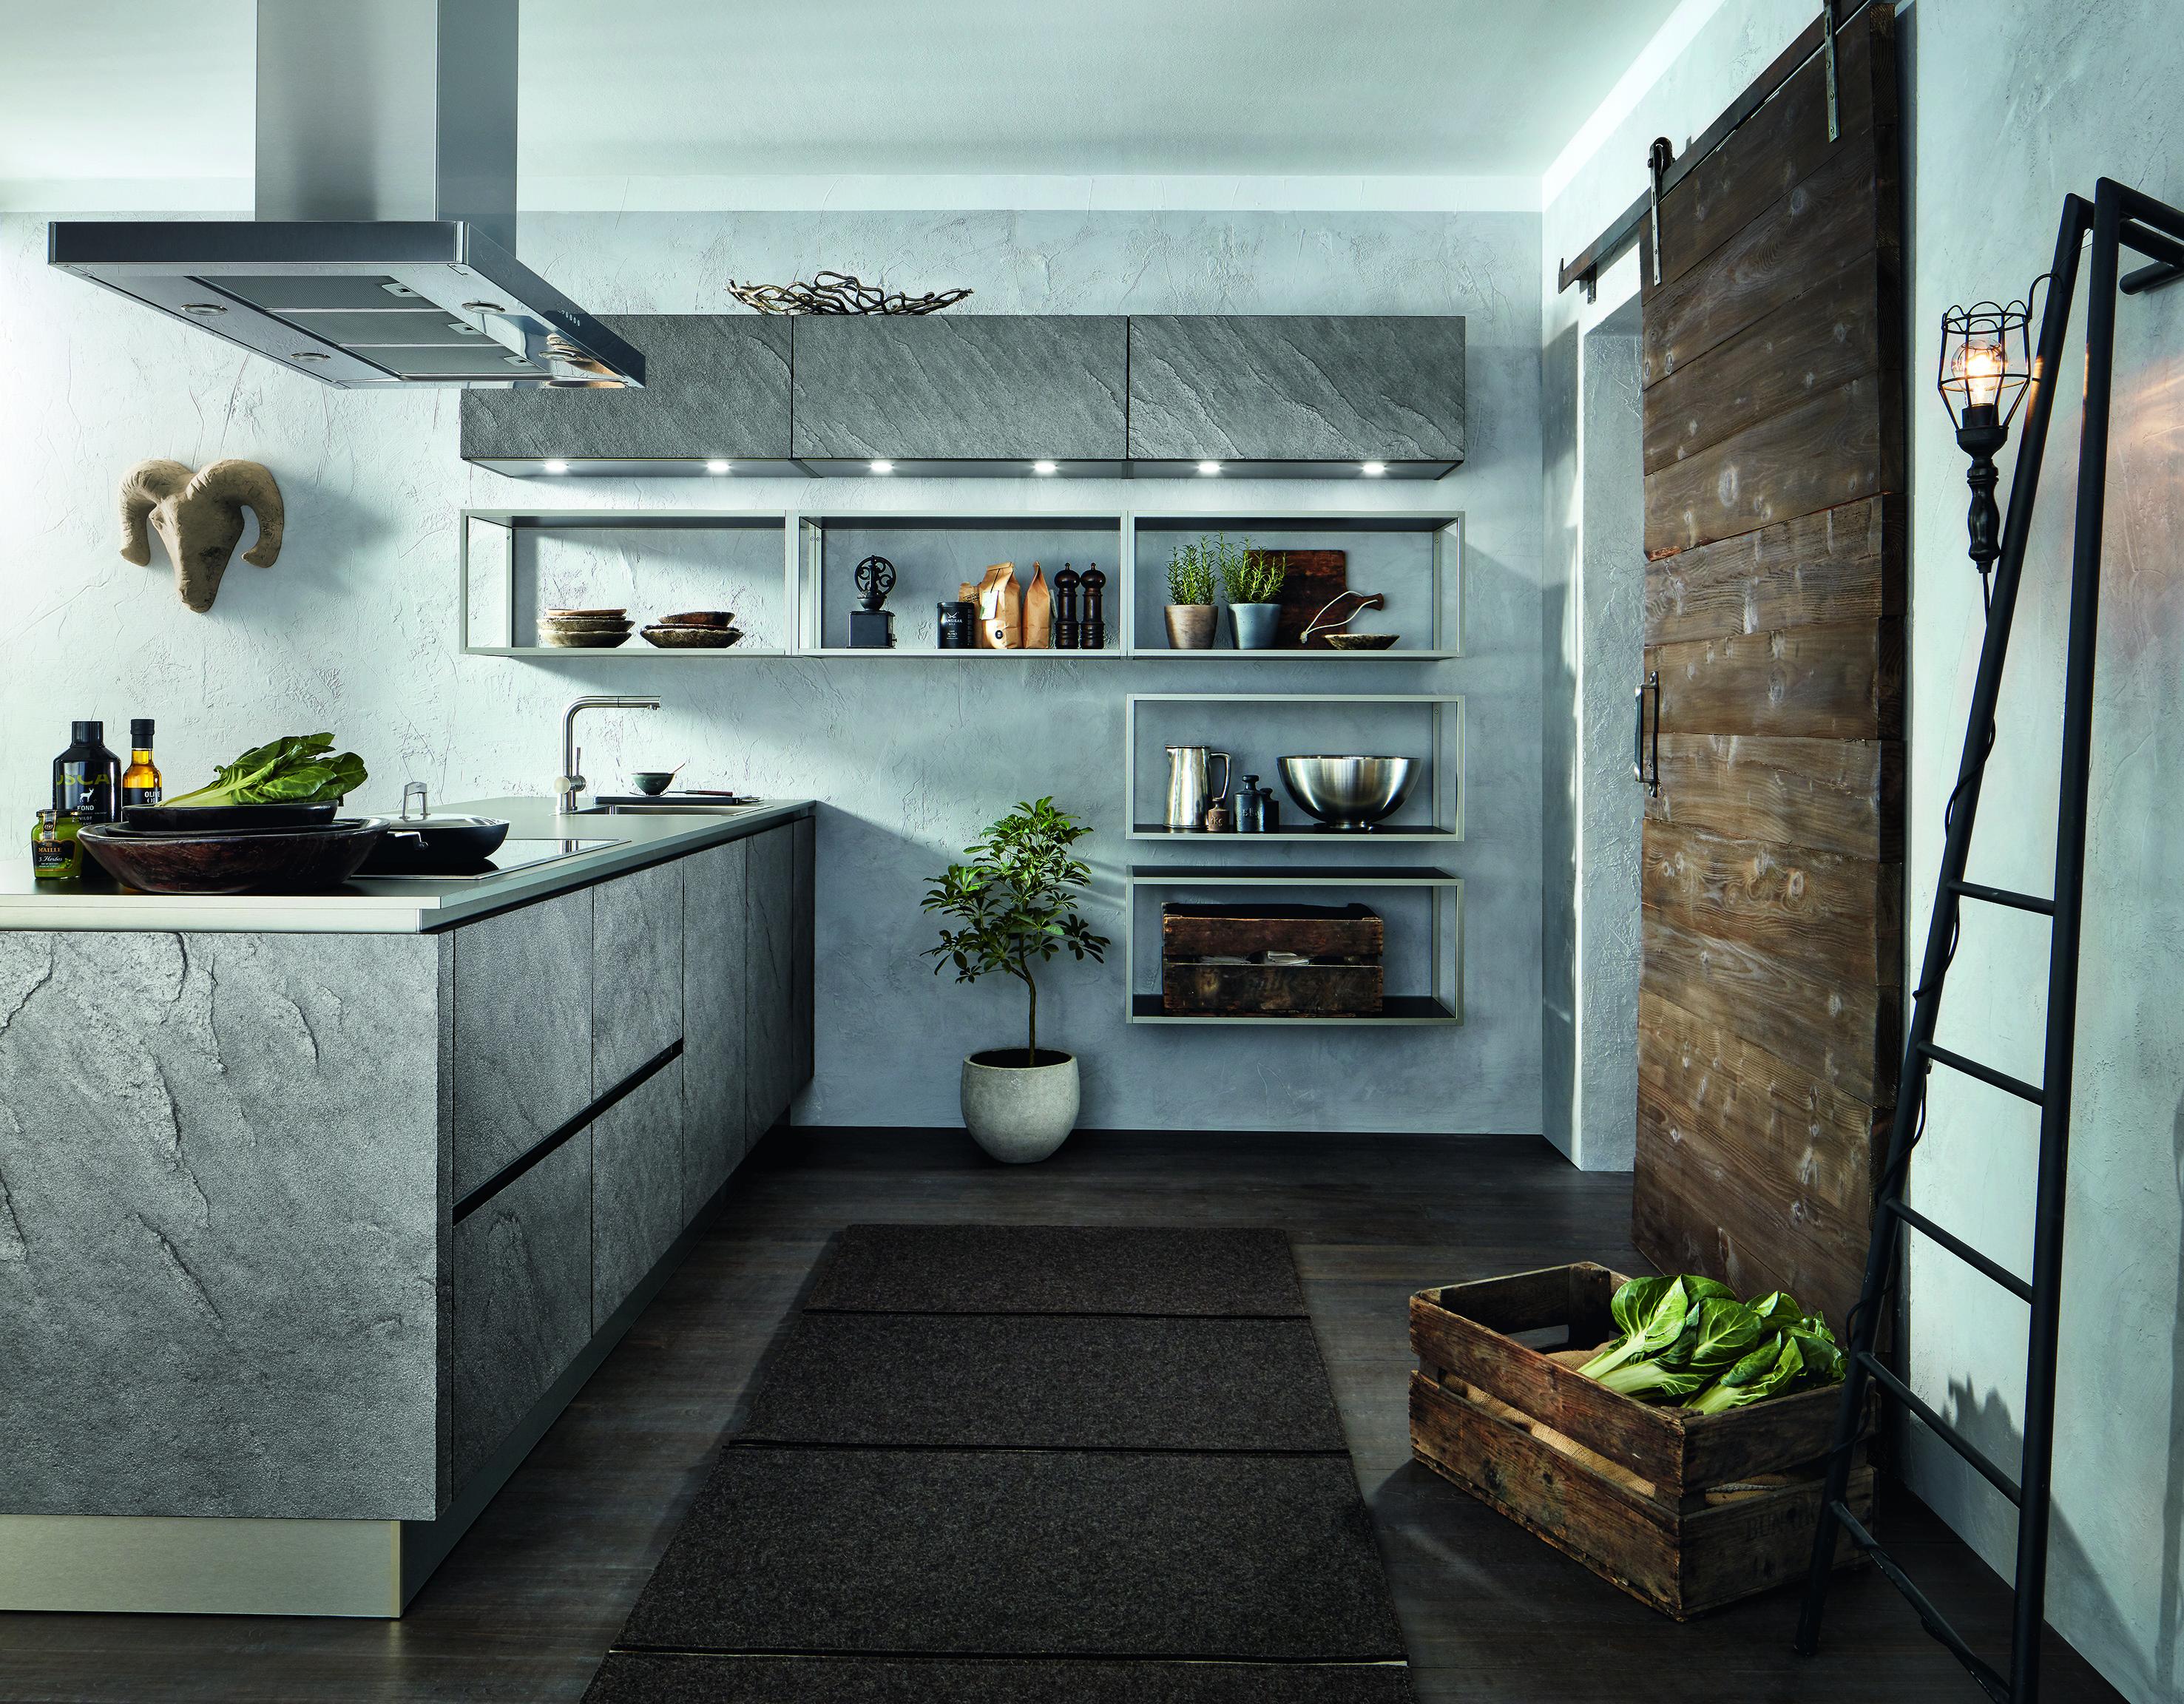 HÄCKER: Häcker Küchen vergleichen + Häcker Küche planen mit ...